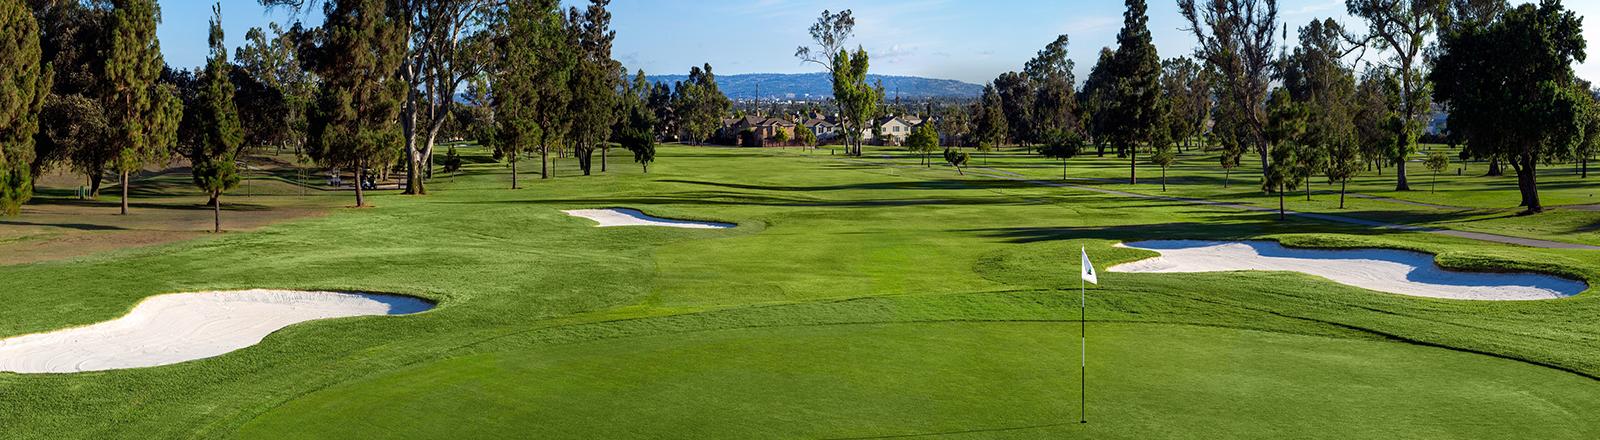 Chester Washington Golf Course Header